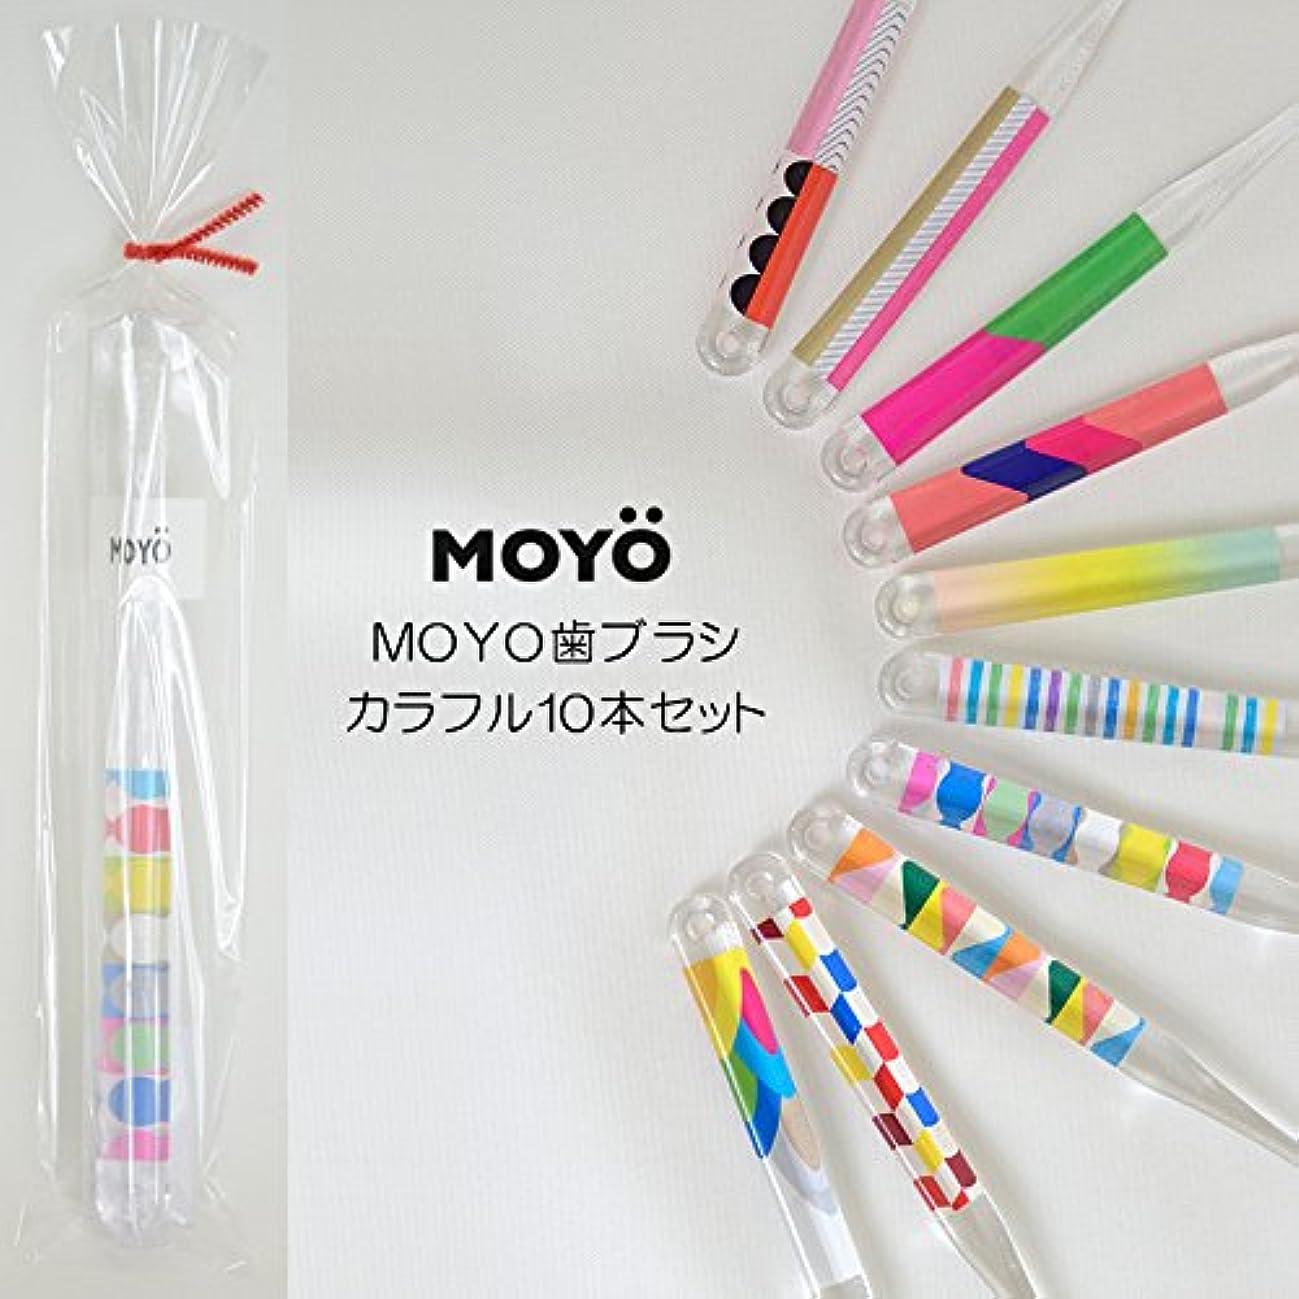 はっきりと情熱的誘惑MOYO モヨウ カラフル10本 プチ ギフト セット_562302-colorful 【F】,カラフル10本セット